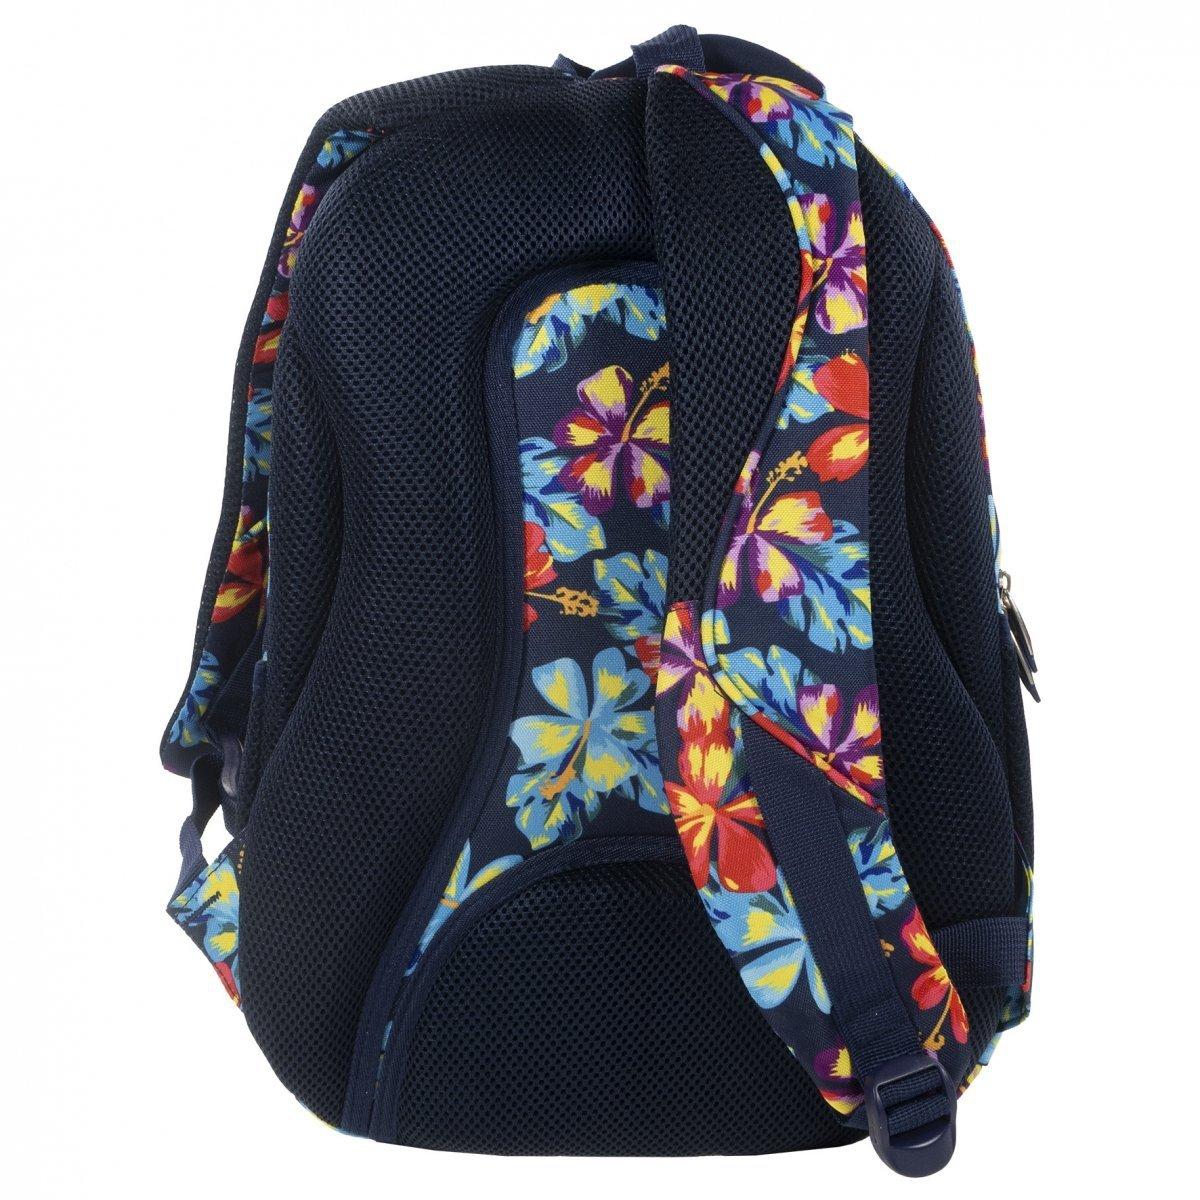 51c508106aa18 Plecak szkolny młodzieżowy Back UP jesienne kwiaty